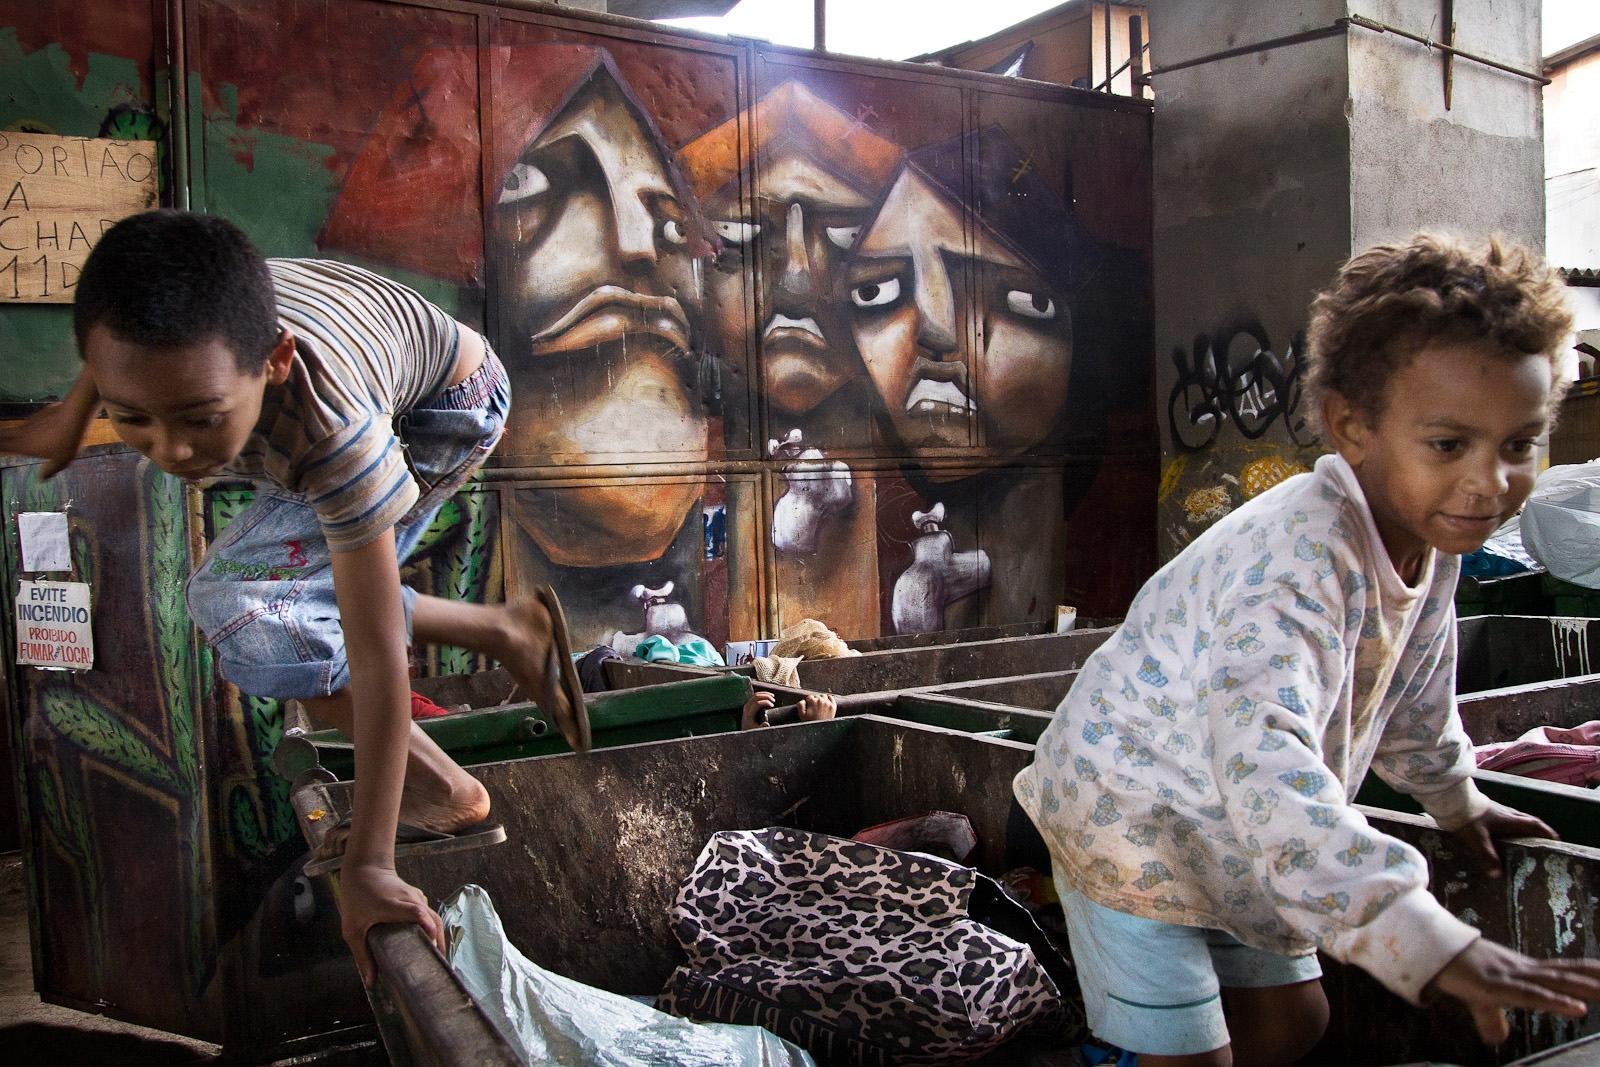 Crianças na favela do Moinho / Kids in Moinho favela